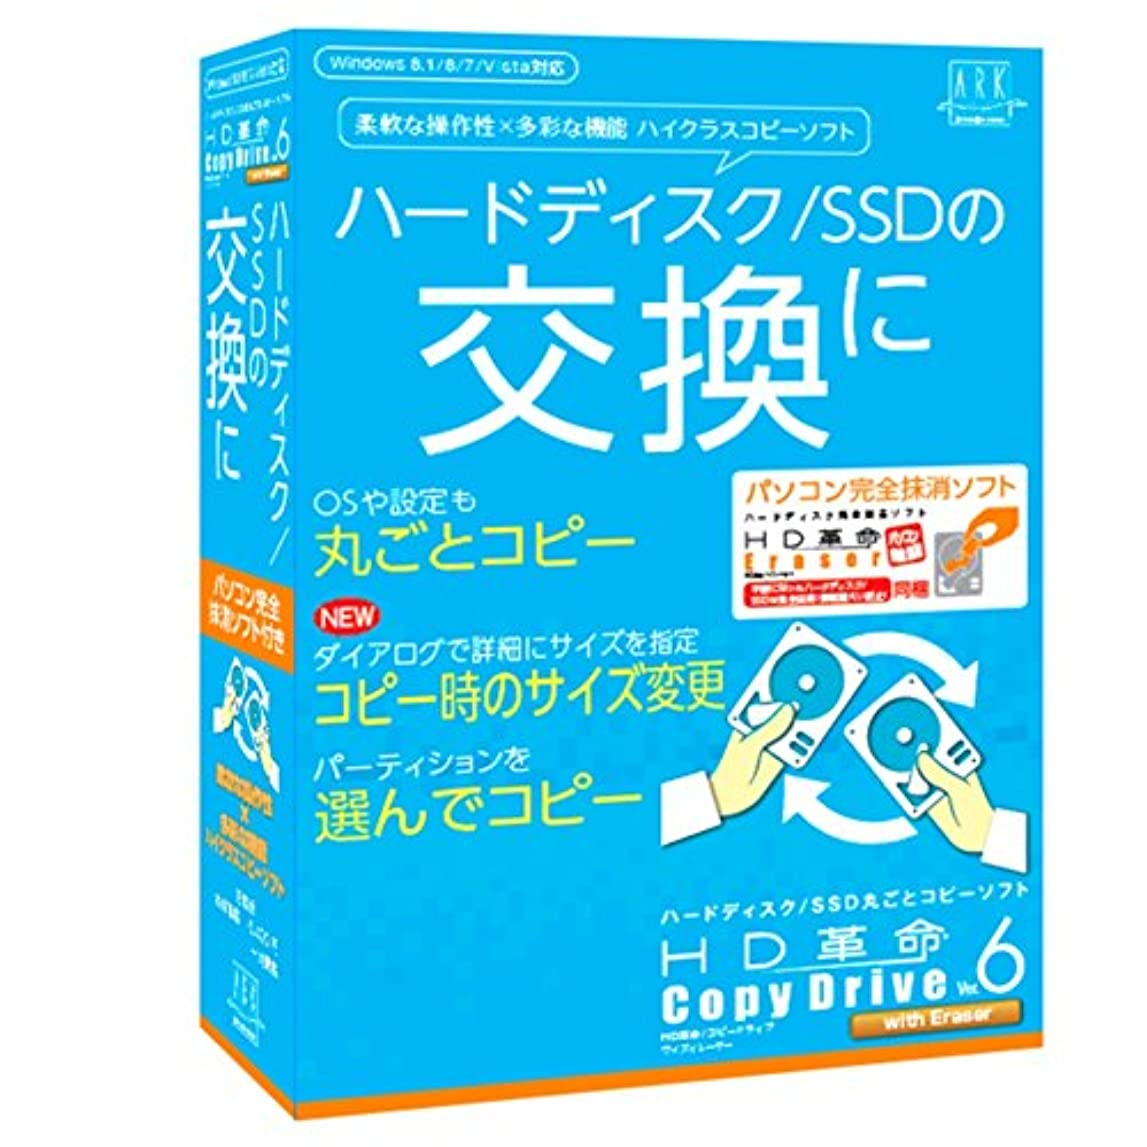 モンク二年生近々HD革命/CopyDrive Ver.6 with Eraser 通常版